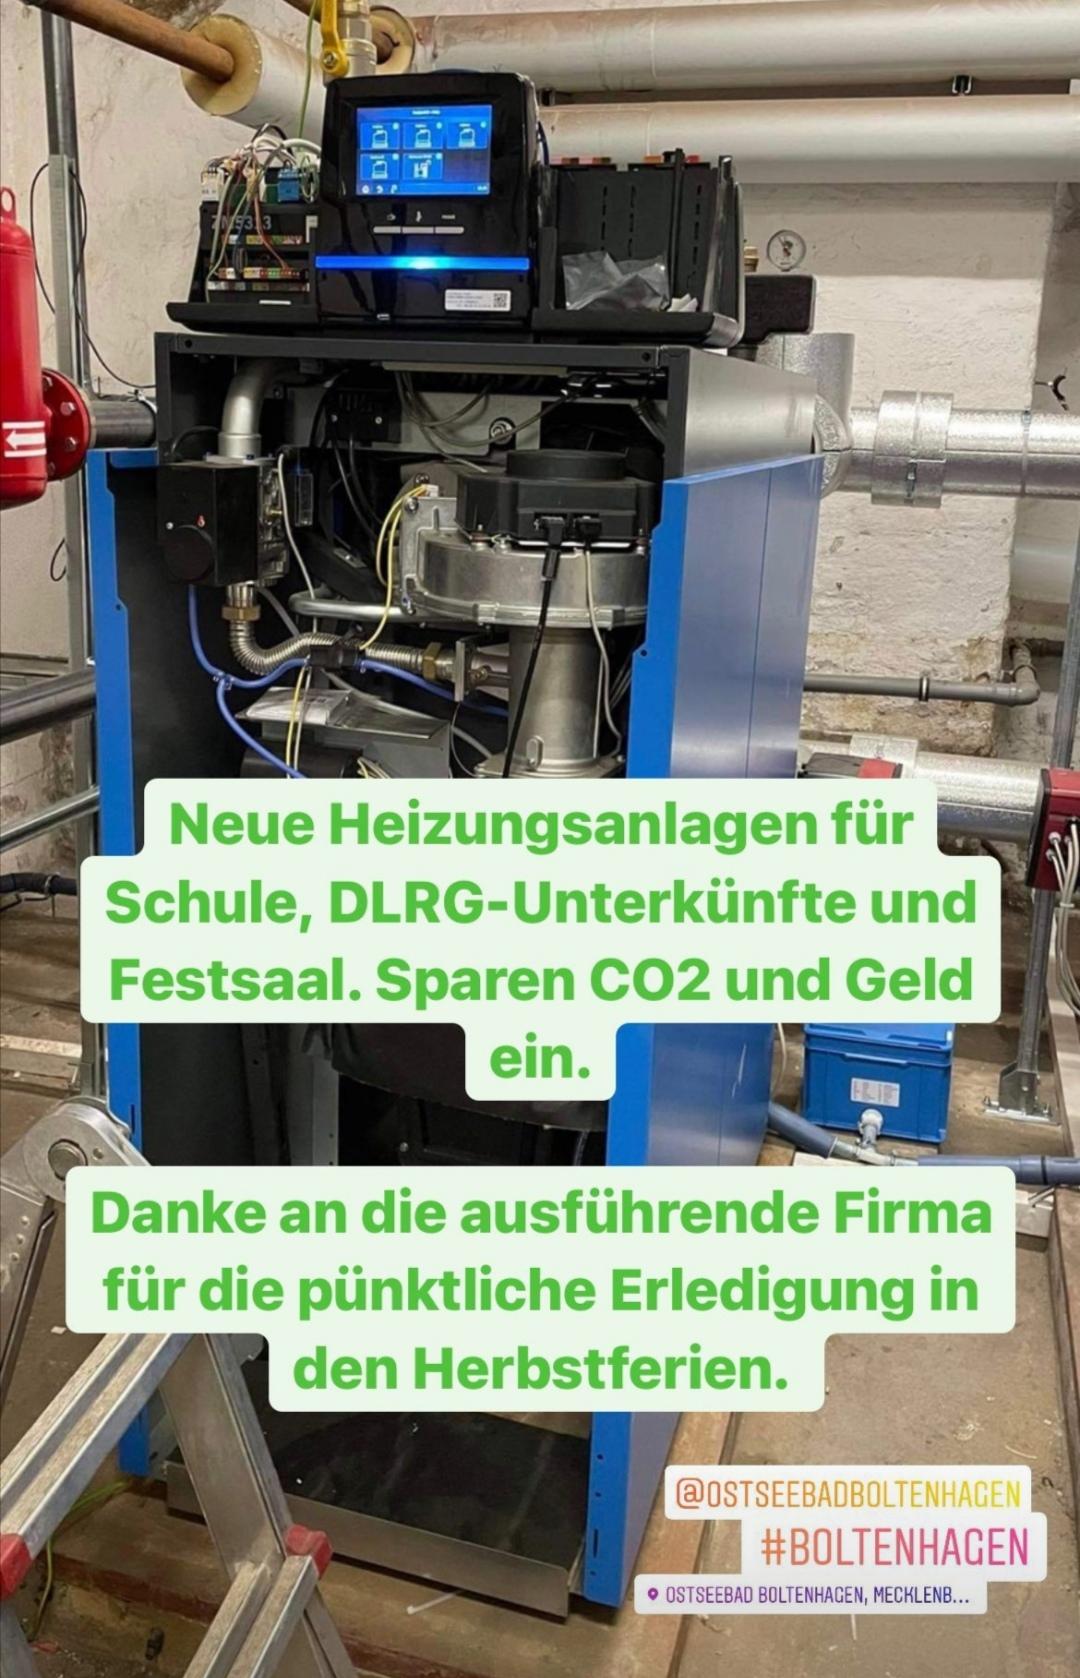 Schule, DLRG- Unterkünfte und Festsaal. Mit neuer Heizungsanlage sparen wir CO2 und Geld.